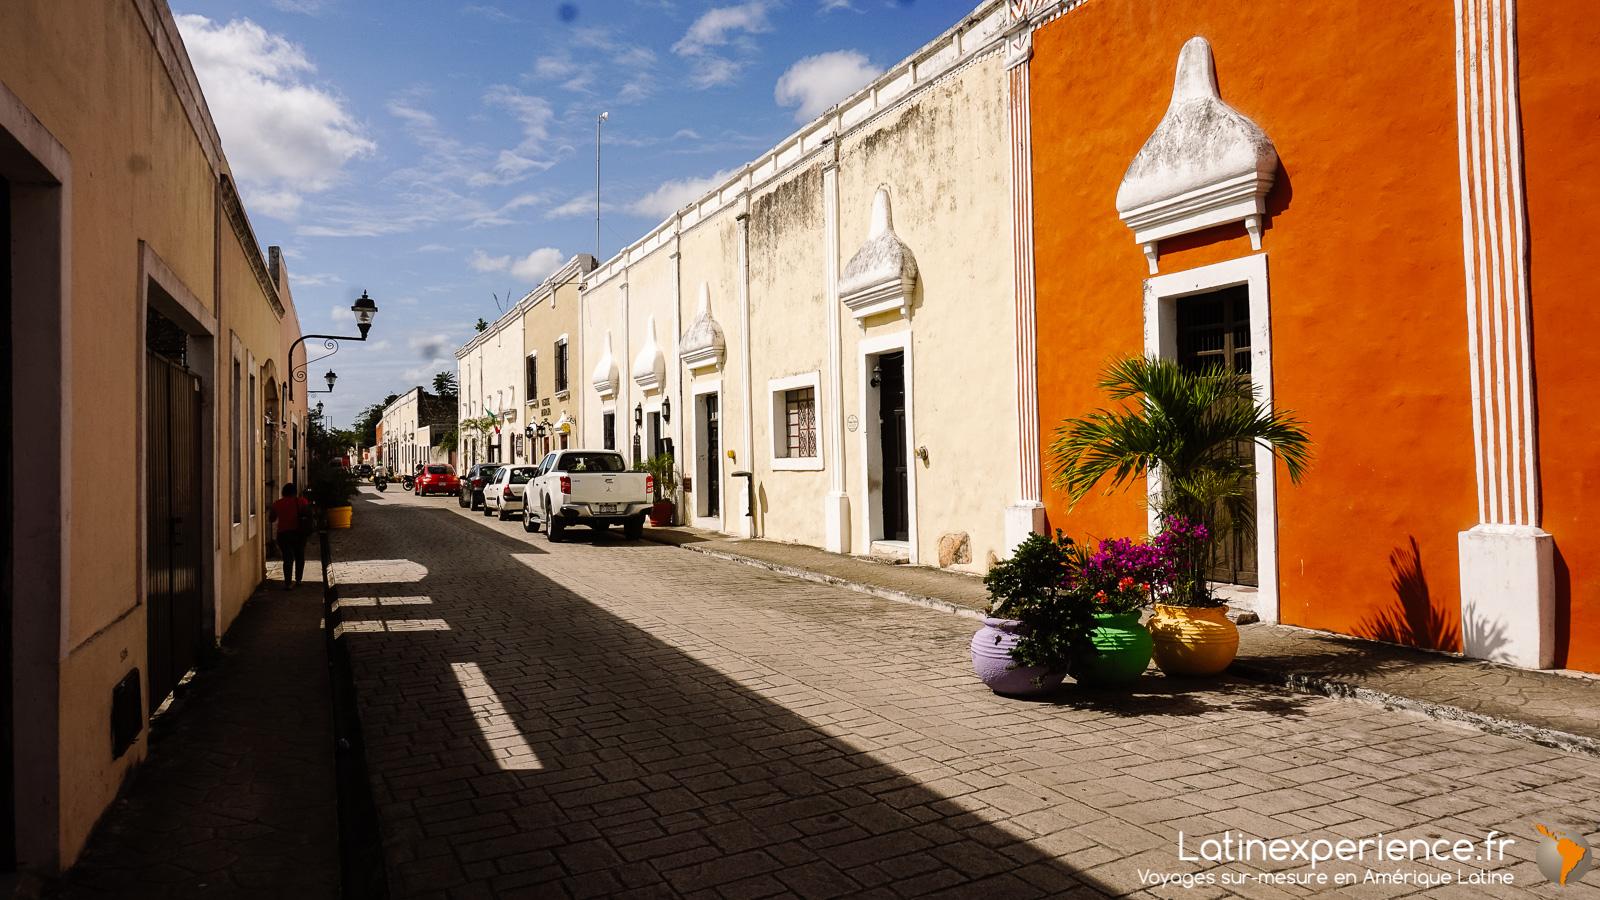 Mexique - Rue de Valladolid - Latinexperience voyages